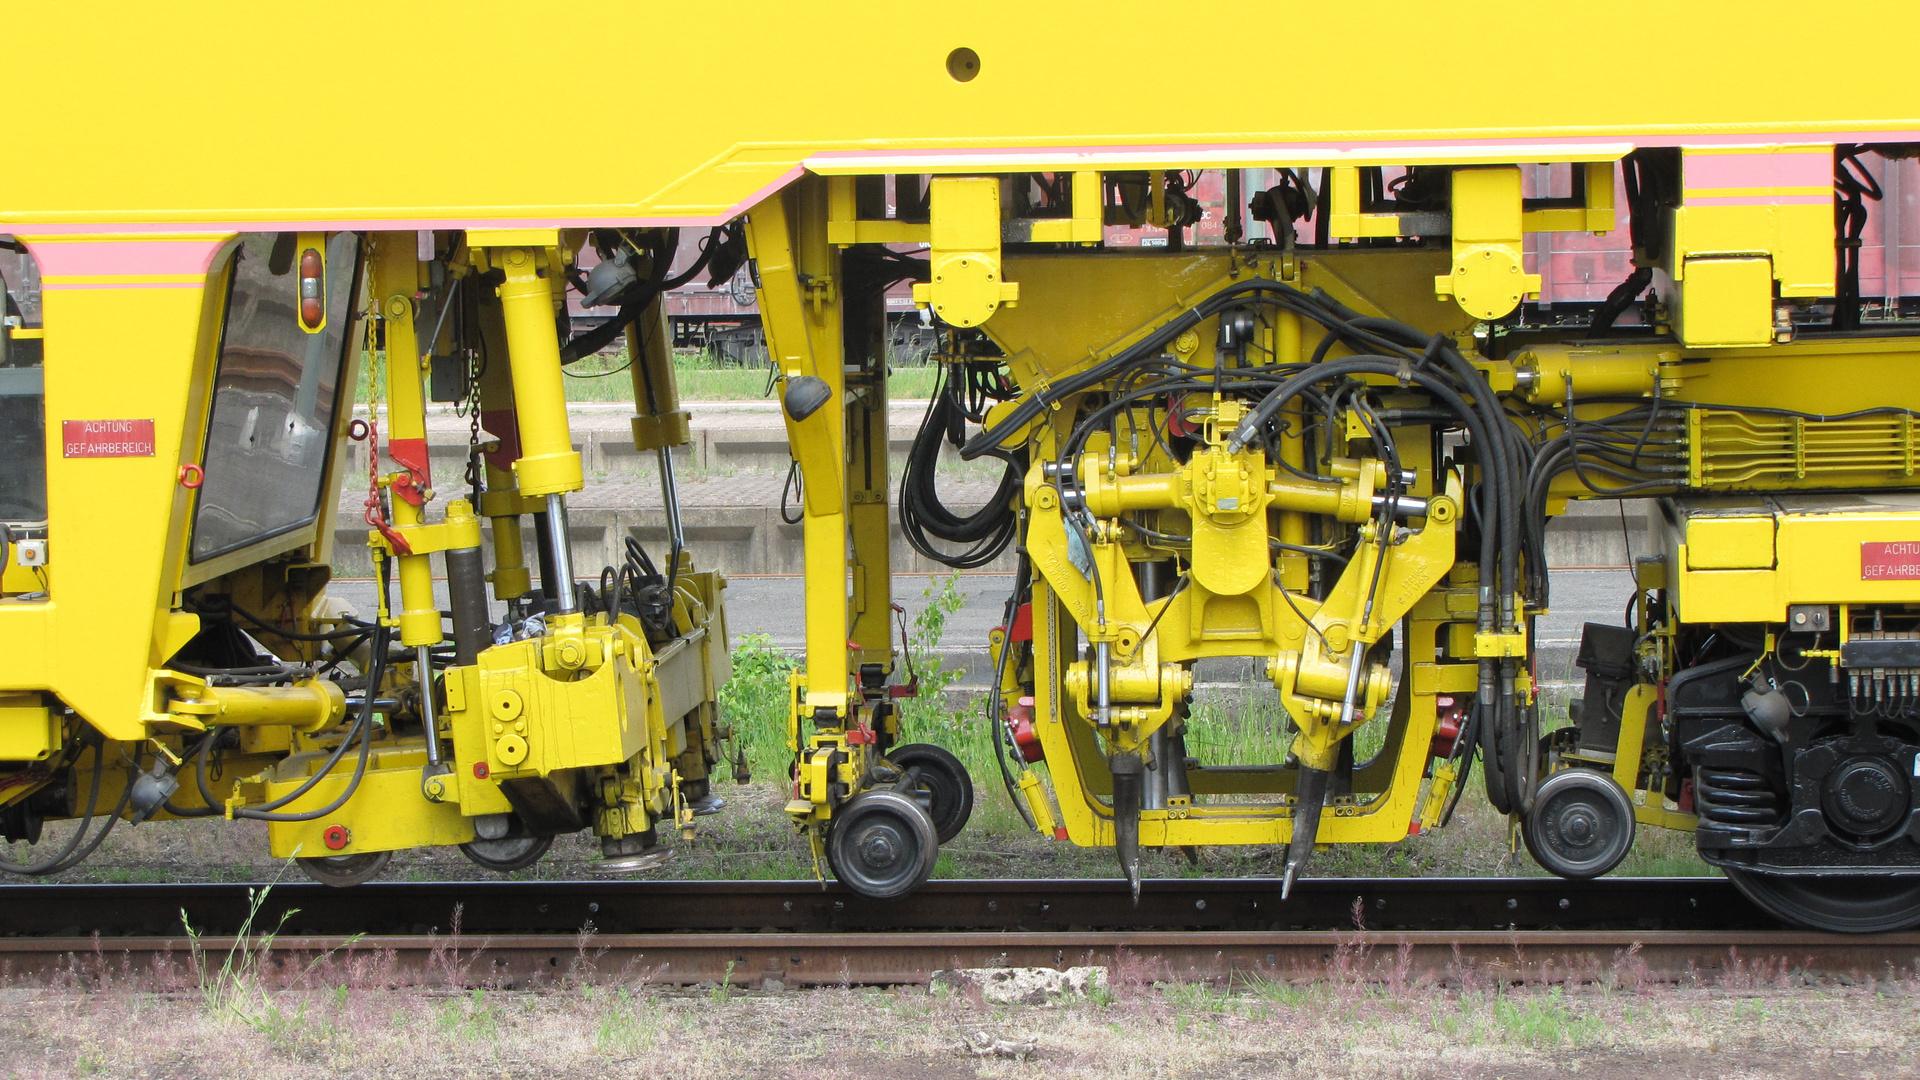 Nochmals zur Gleisstopfmaschine